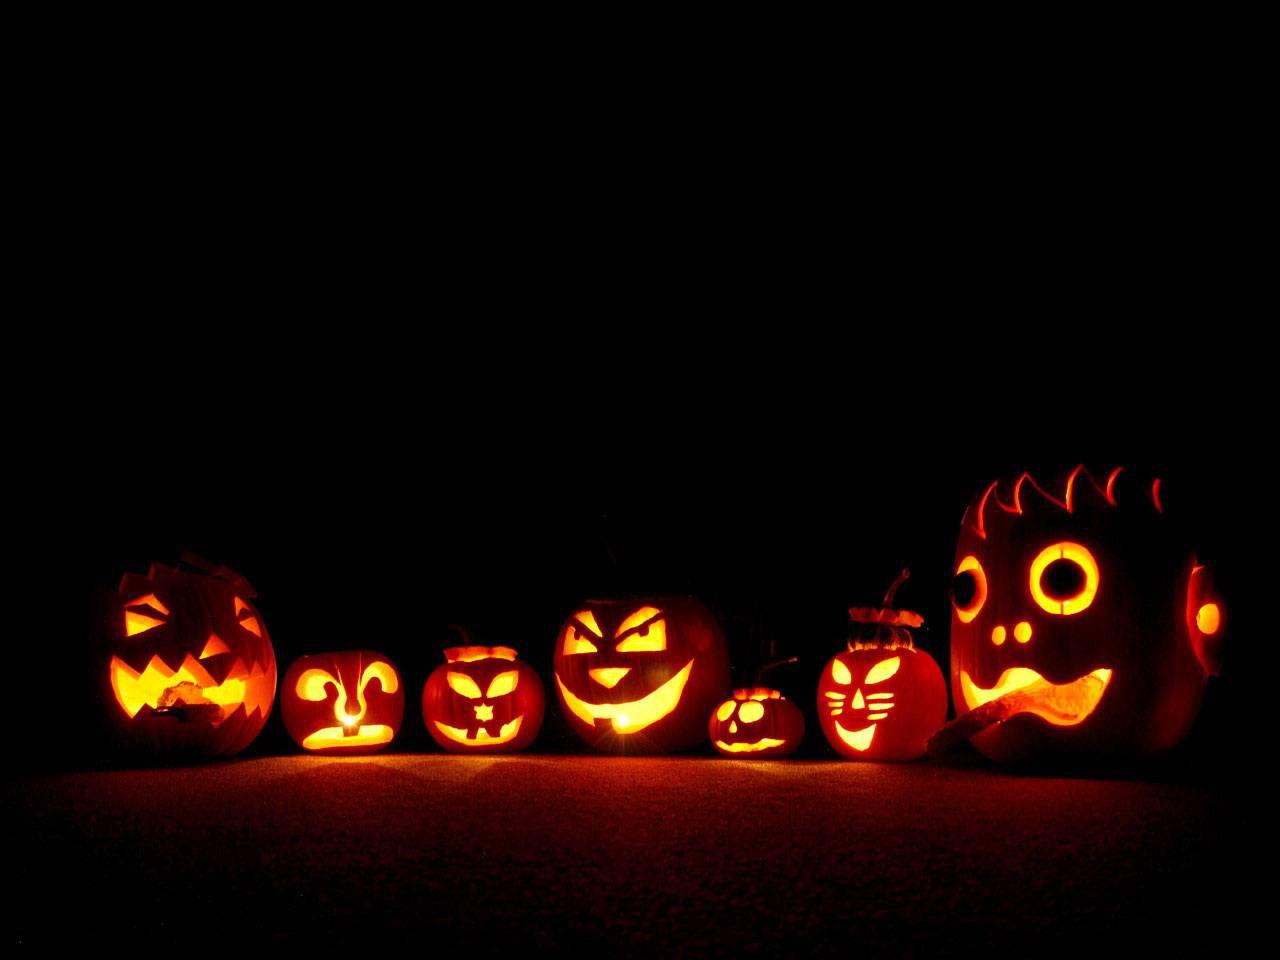 free-halloween-desktop-backgrounds-6